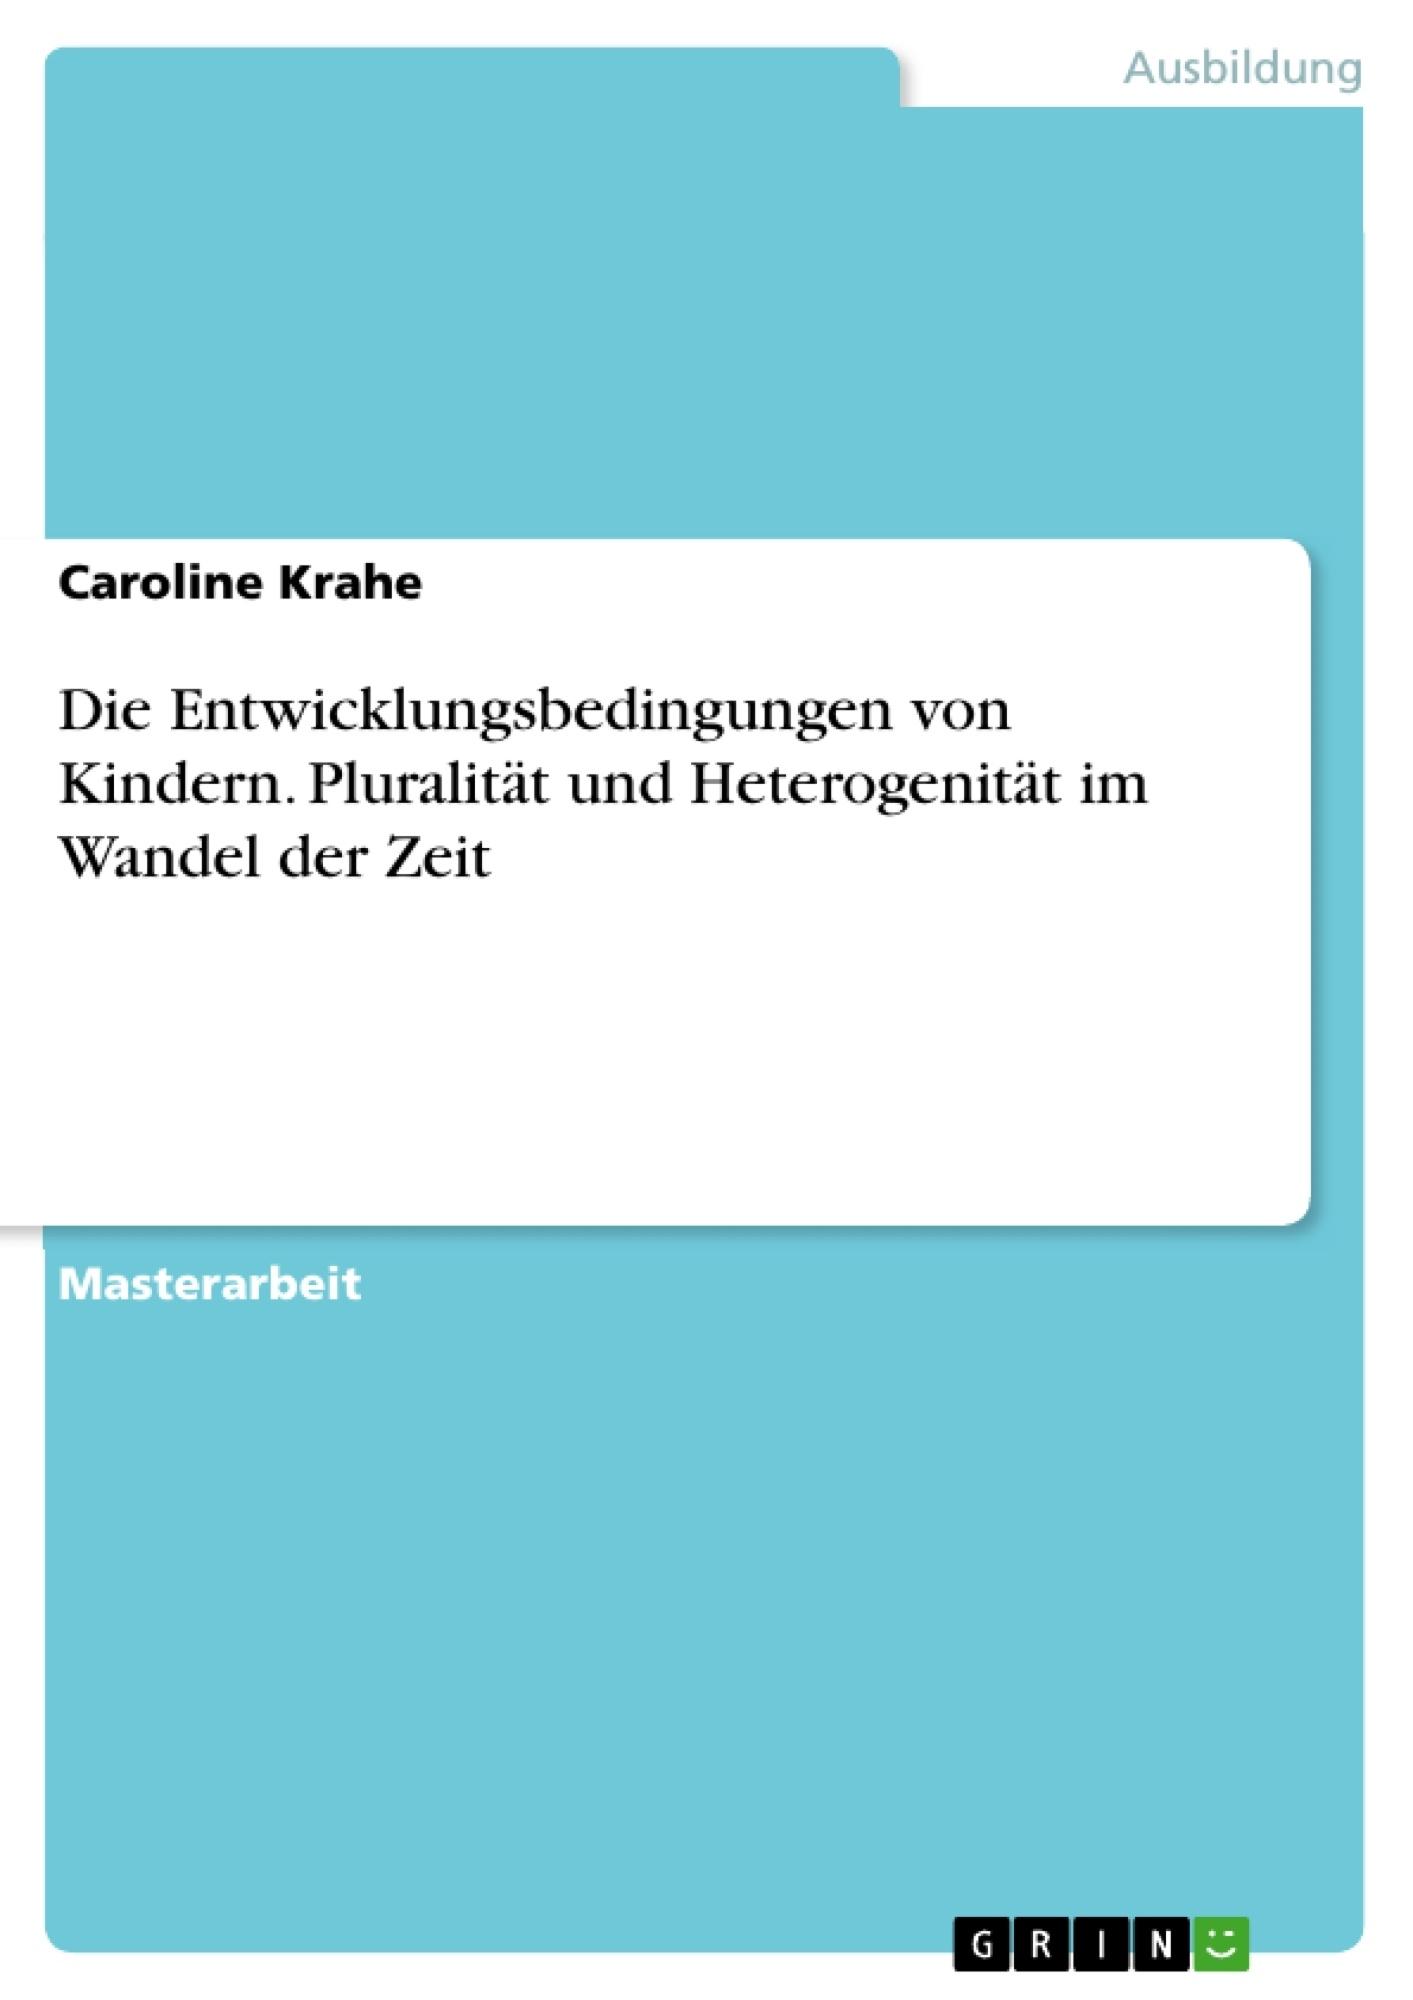 Titel: Die Entwicklungsbedingungen von Kindern. Pluralität und Heterogenität im Wandel der Zeit